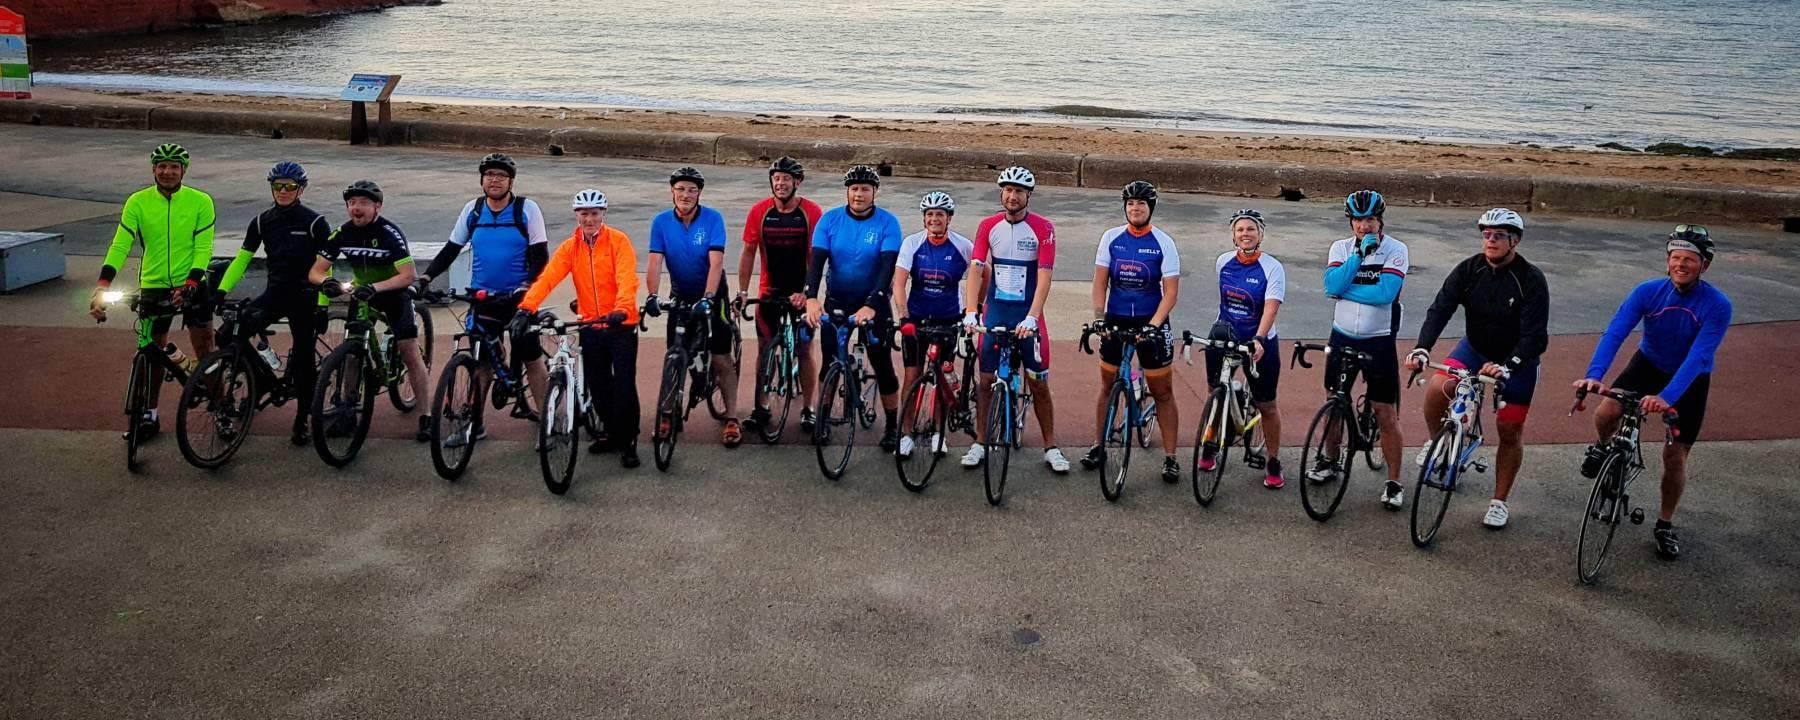 Tri-Hards Cycling Club